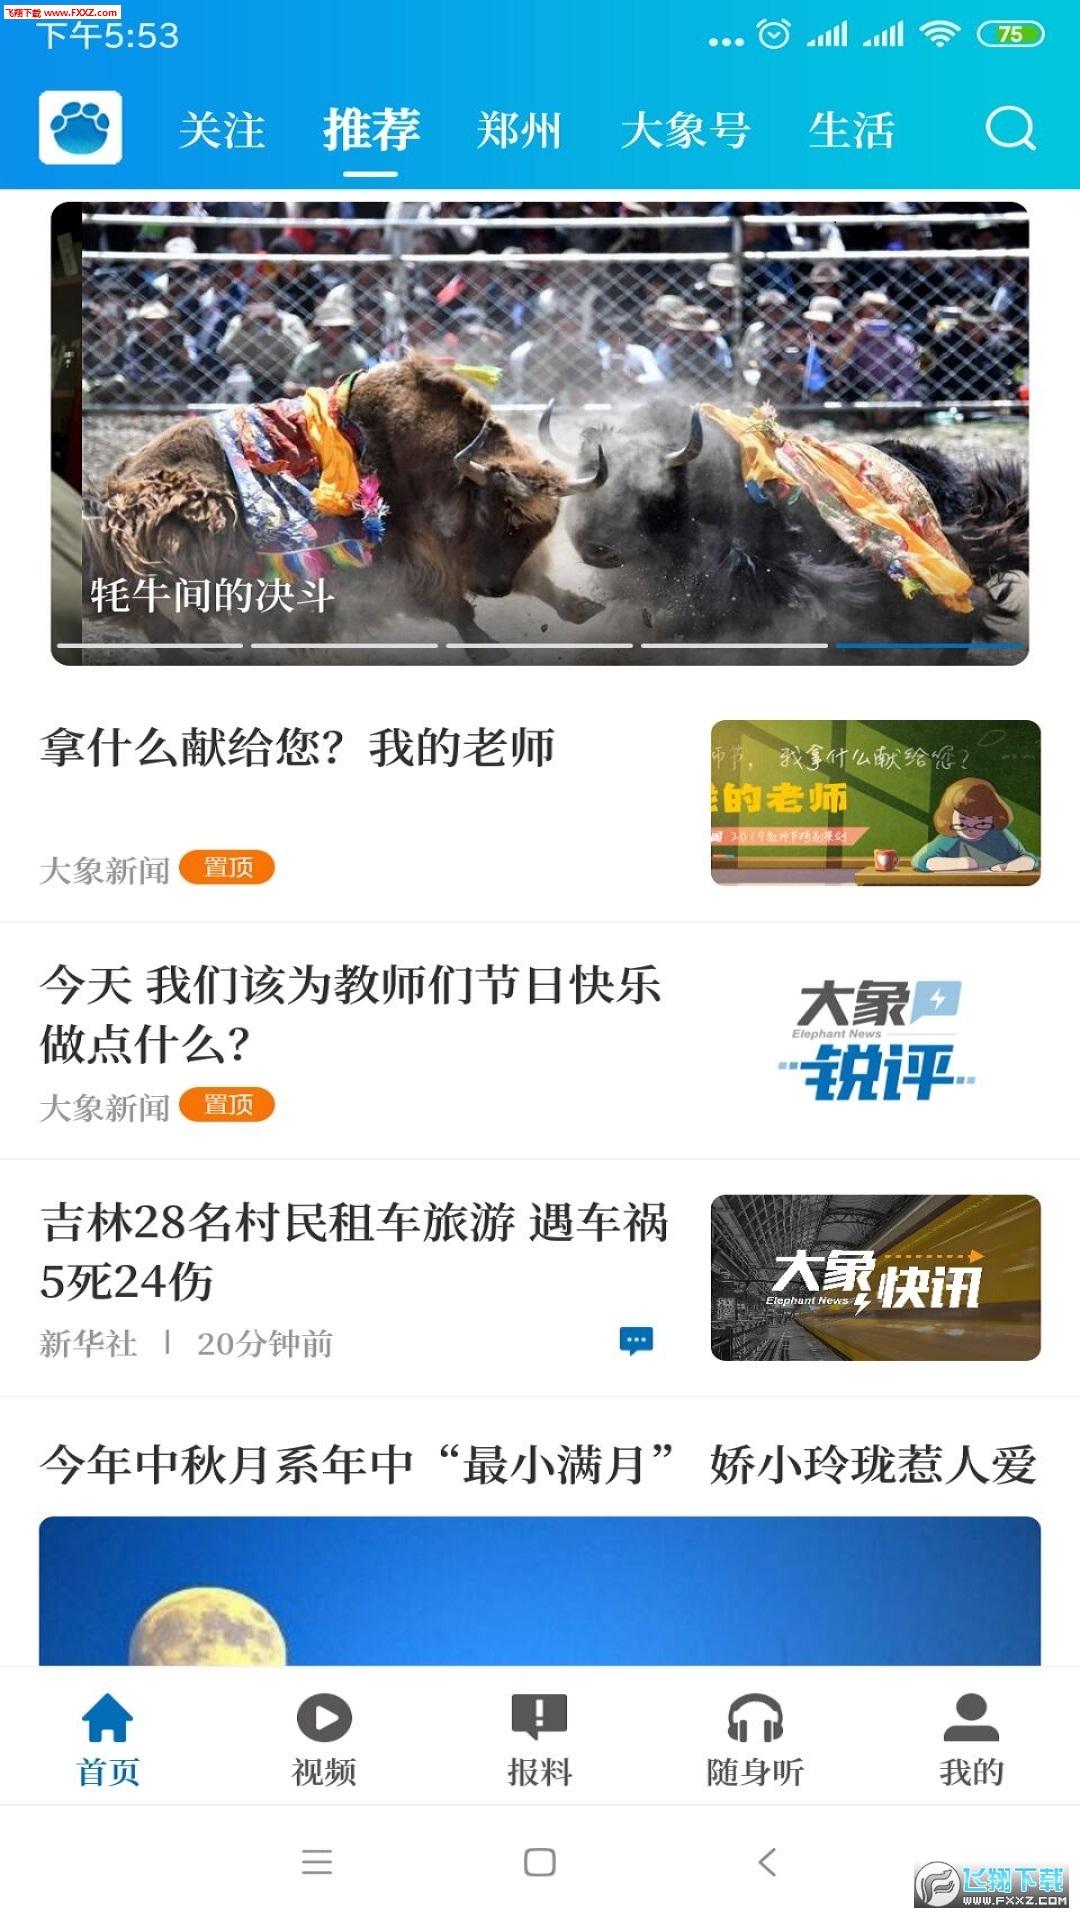 大象新闻苹果版客户端v1.11.0截图2